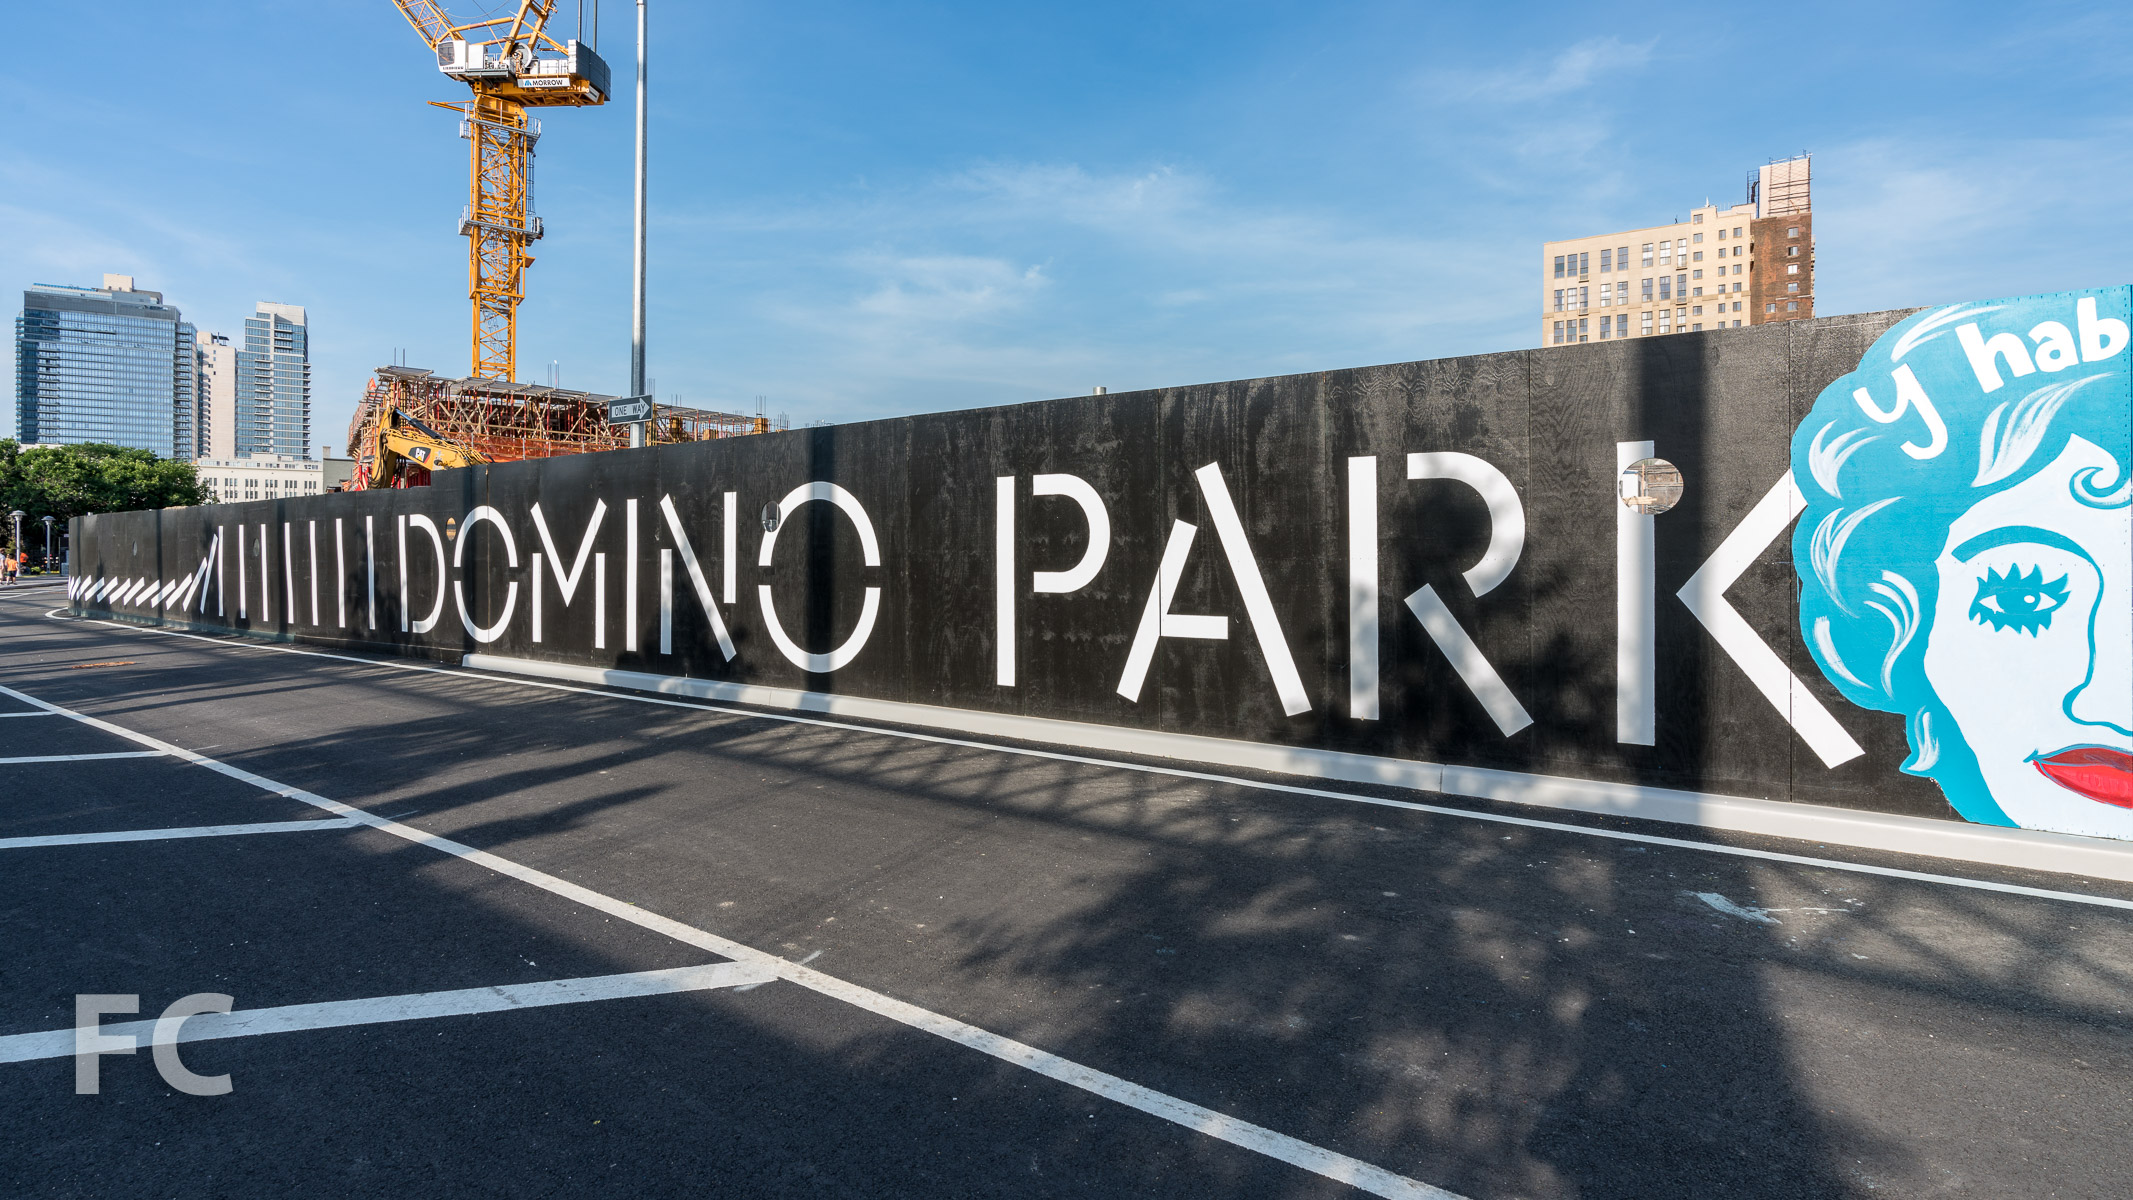 2018_06_17-Domino Park-DSC00680.jpg